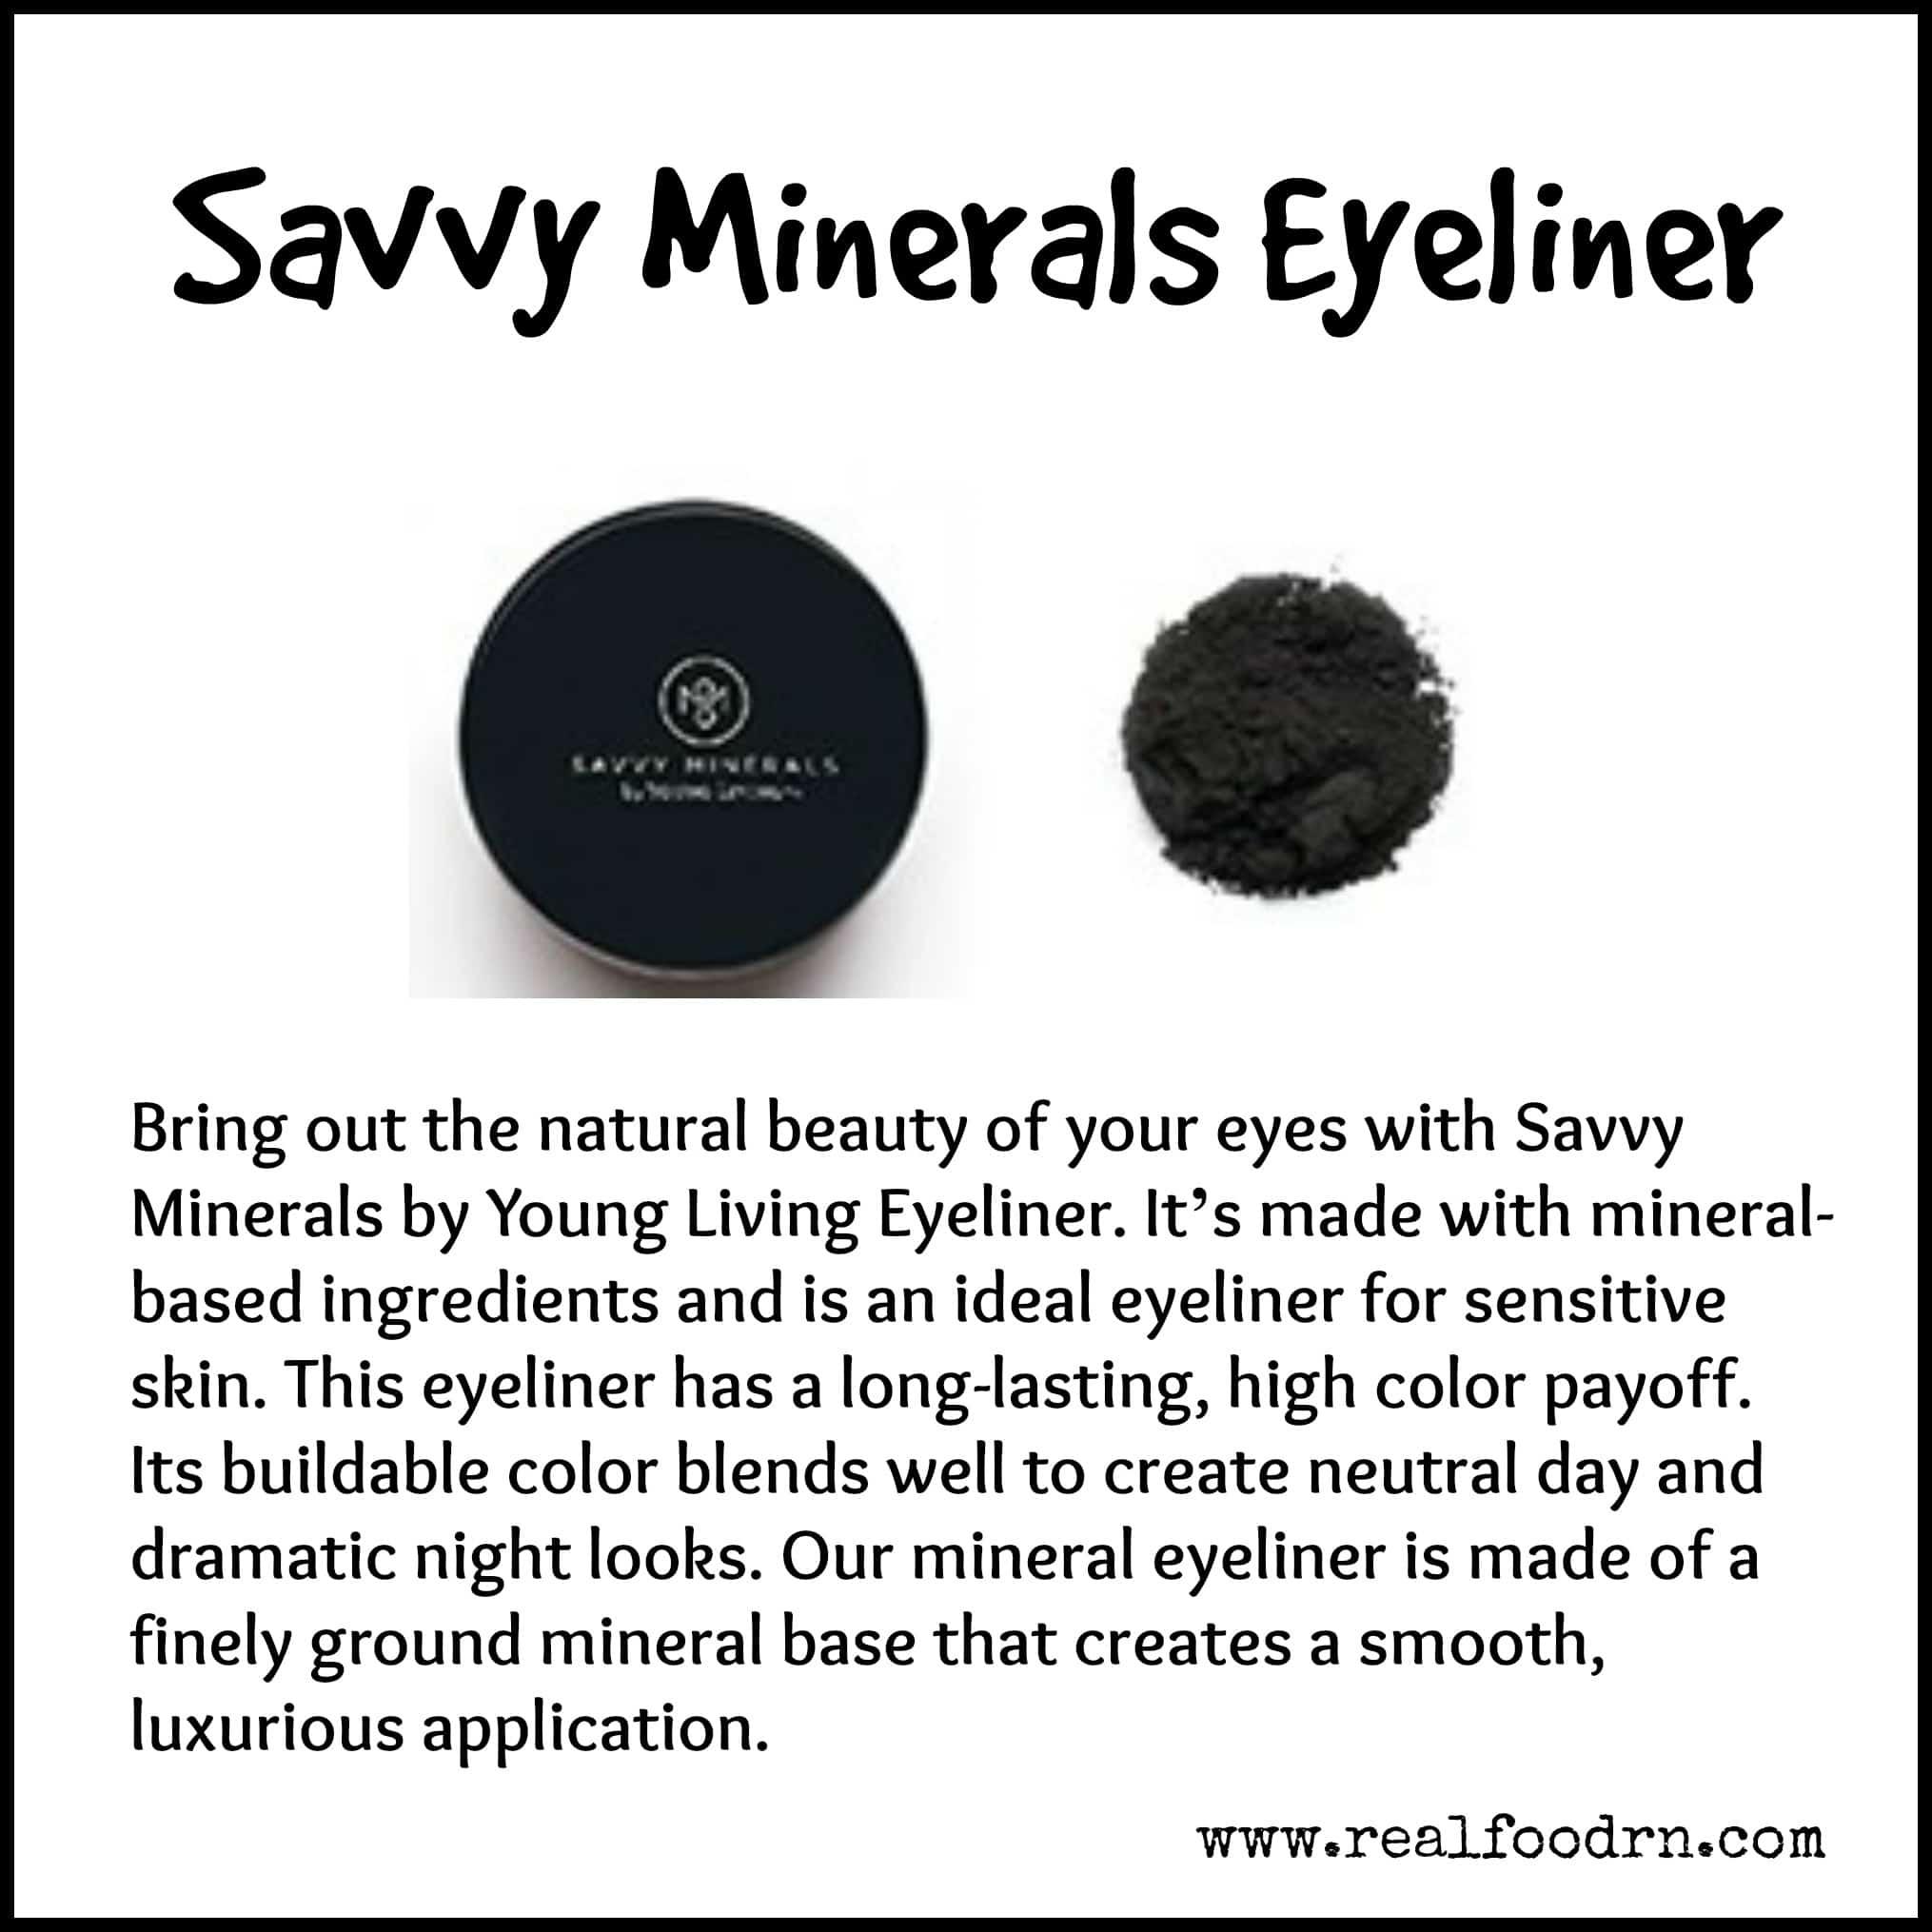 Savvy Minerals Eyeliner